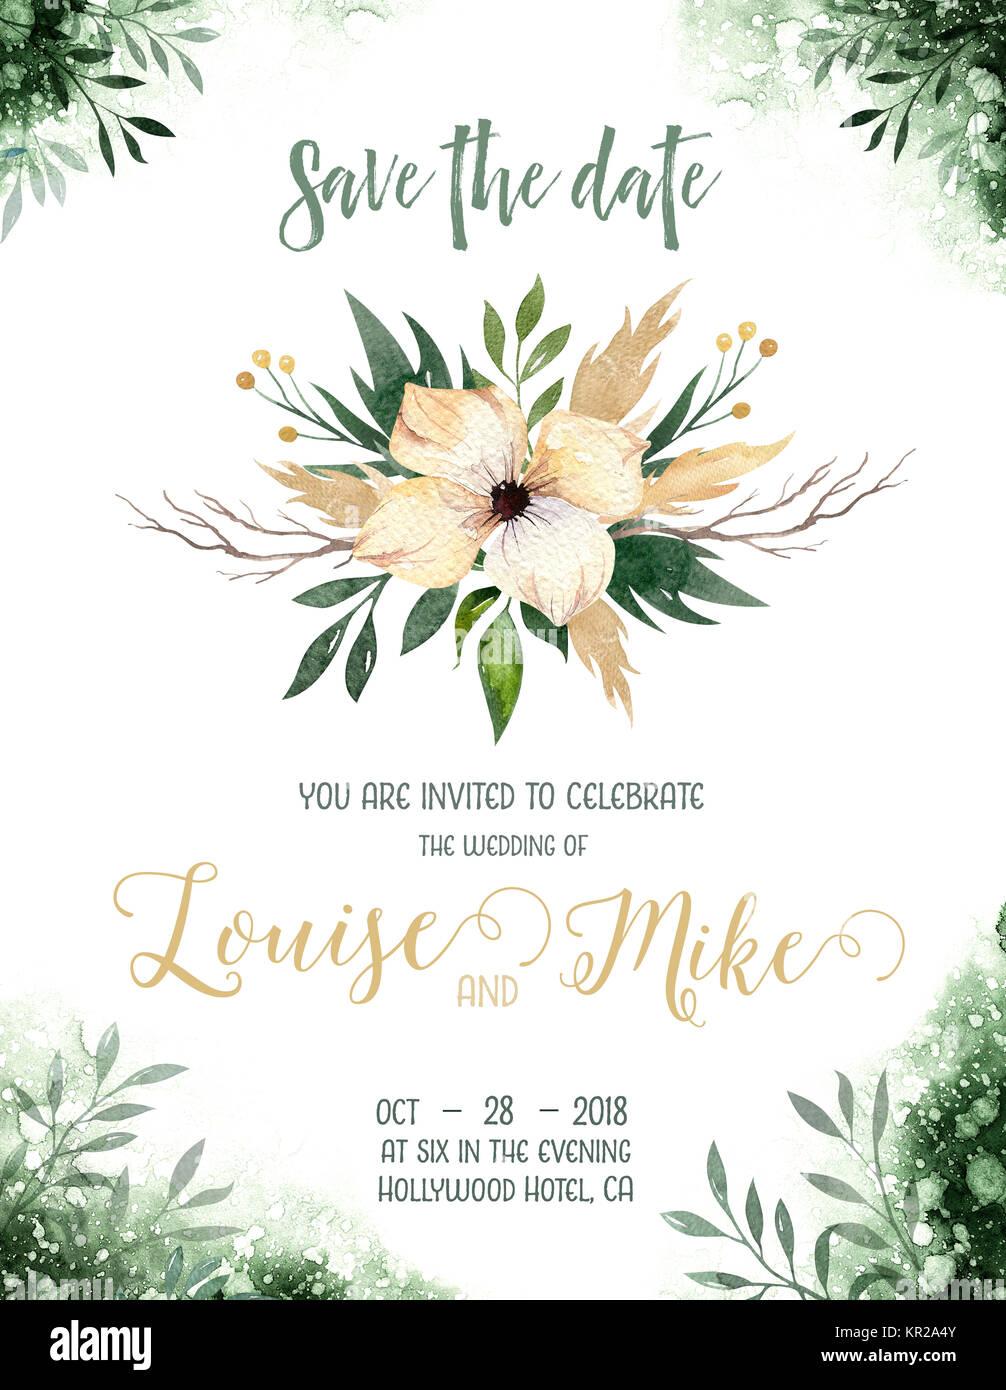 Aquarell Grün Farbe Hochzeit Einladung Karte Mit Grünen Und Goldenen  Elementen. Papier Textur Mit Blumen Und Blätter. Aquarell Papier Datum  Speichern.